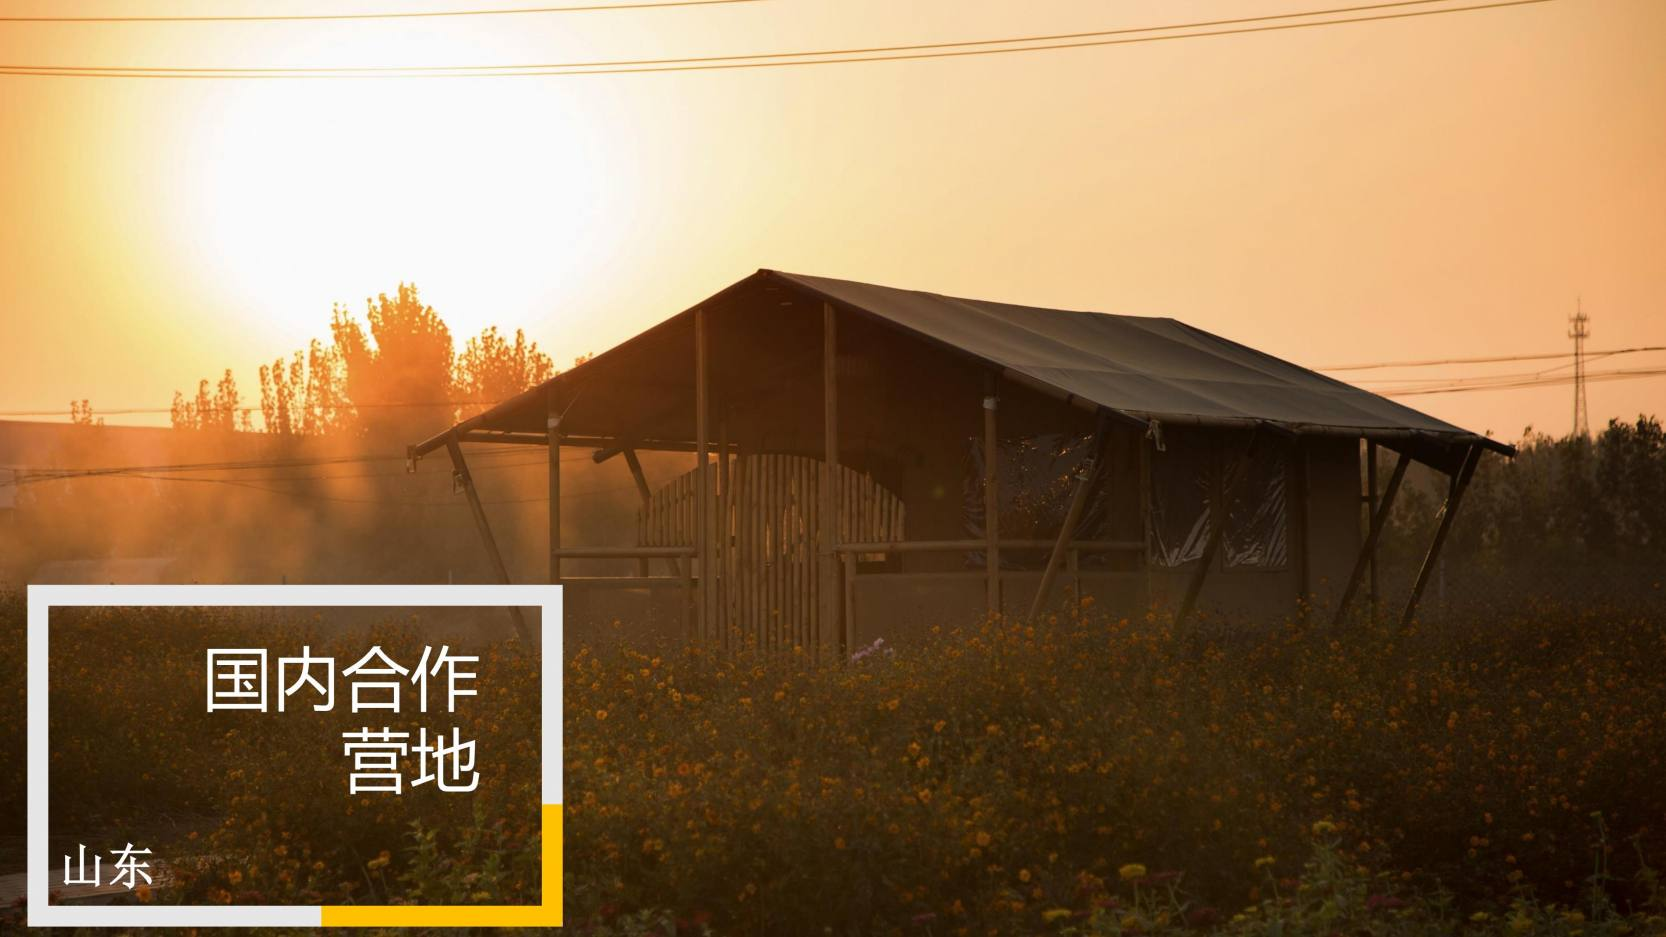 喜马拉雅野奢帐篷 (44)